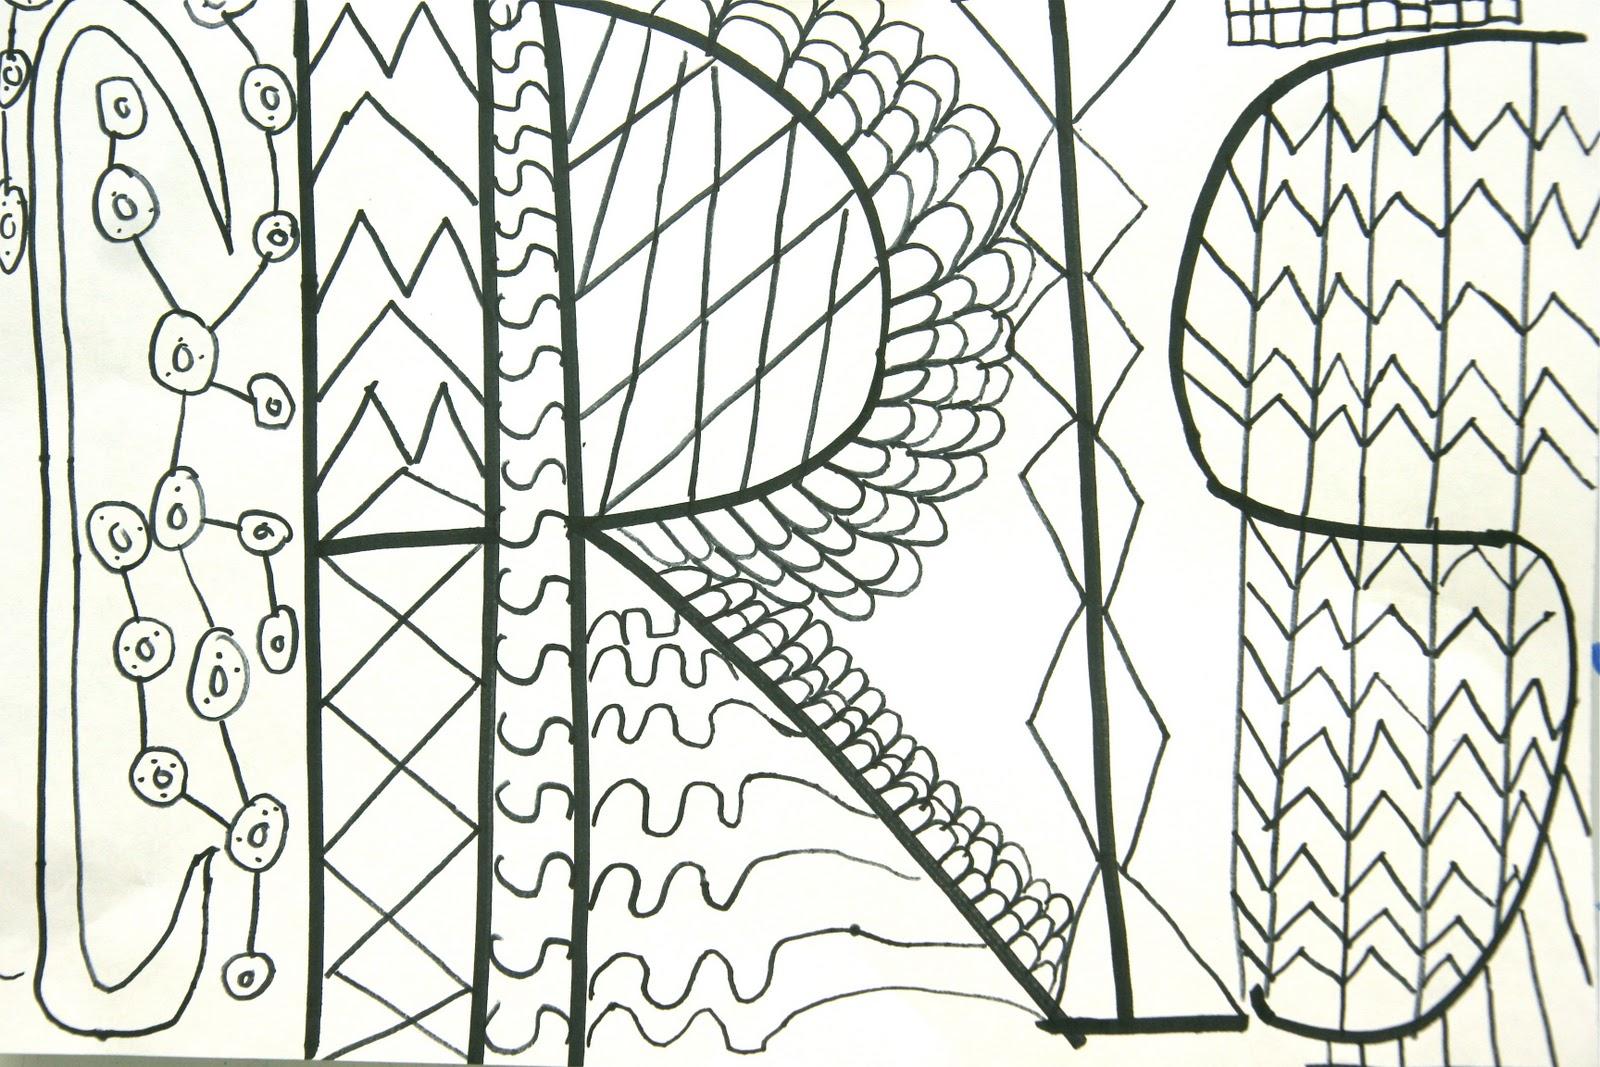 Name Drawings: Splish Splash Splatter: Abstract Name Drawings W/ Pattern